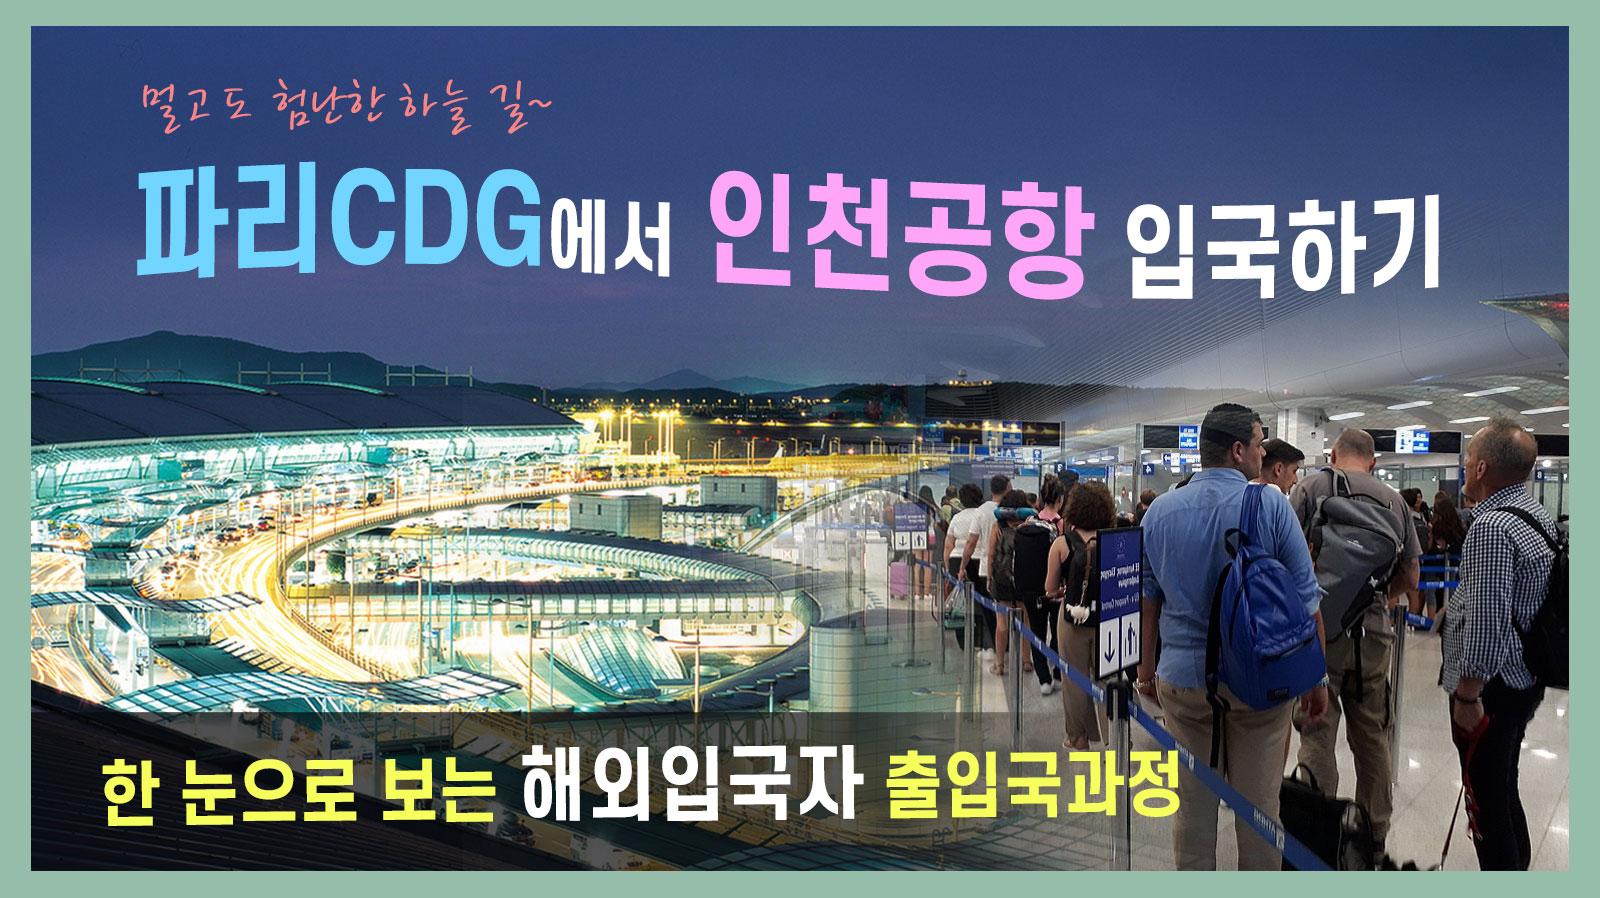 인천공항입국.jpg